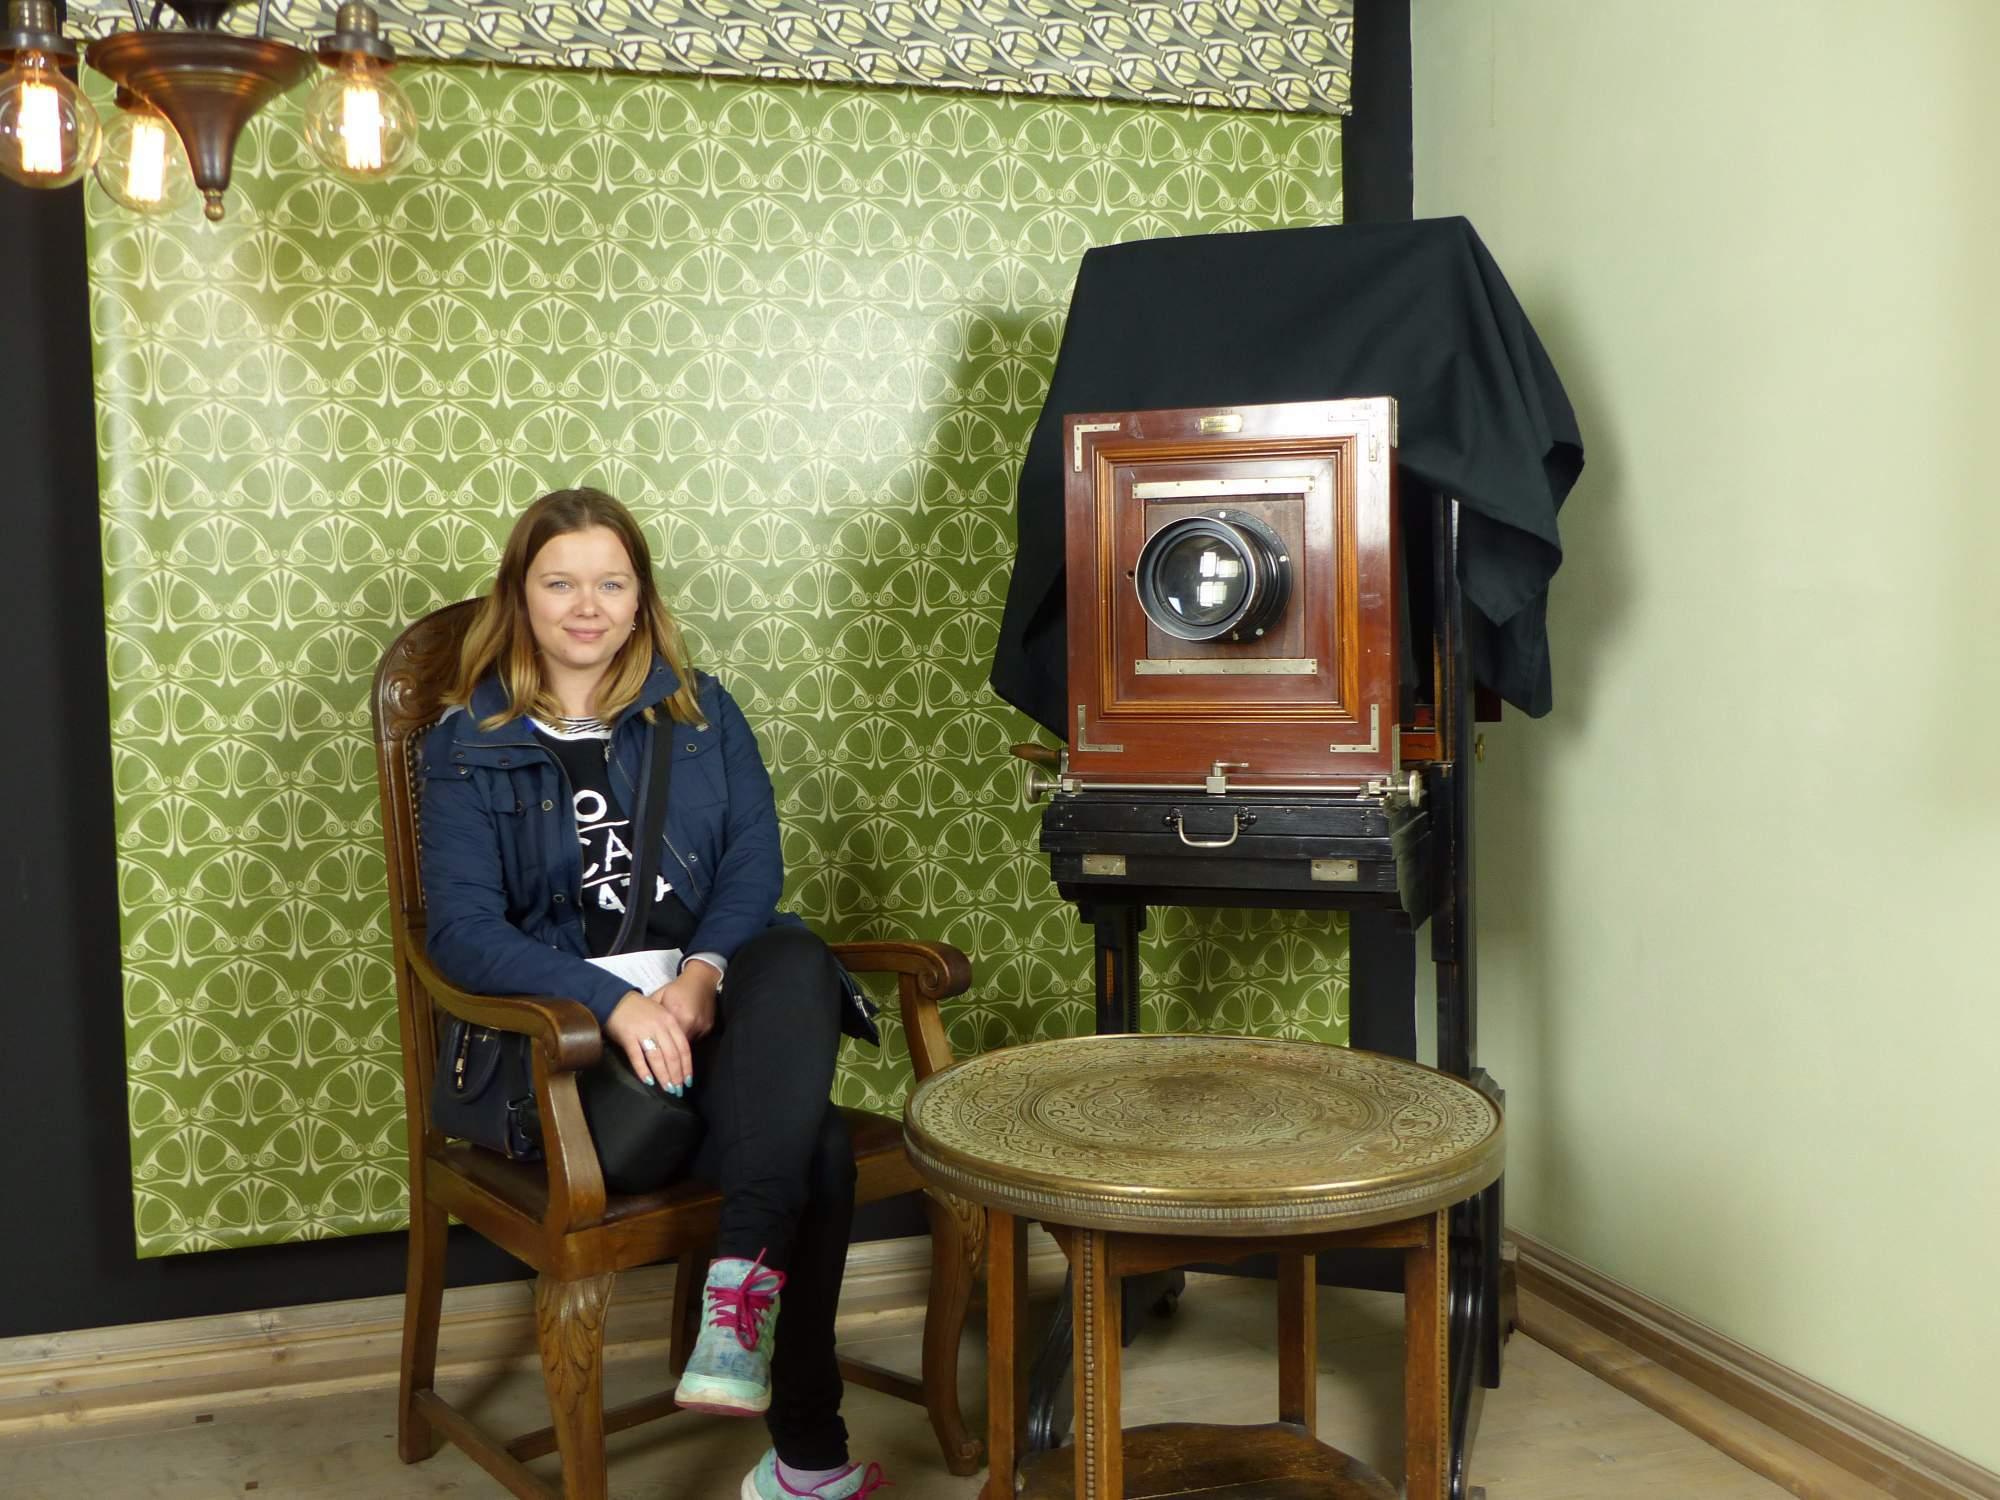 Redaktorka se nechává vyfotit s exponáty. / Autor: foto Michaela Střížová